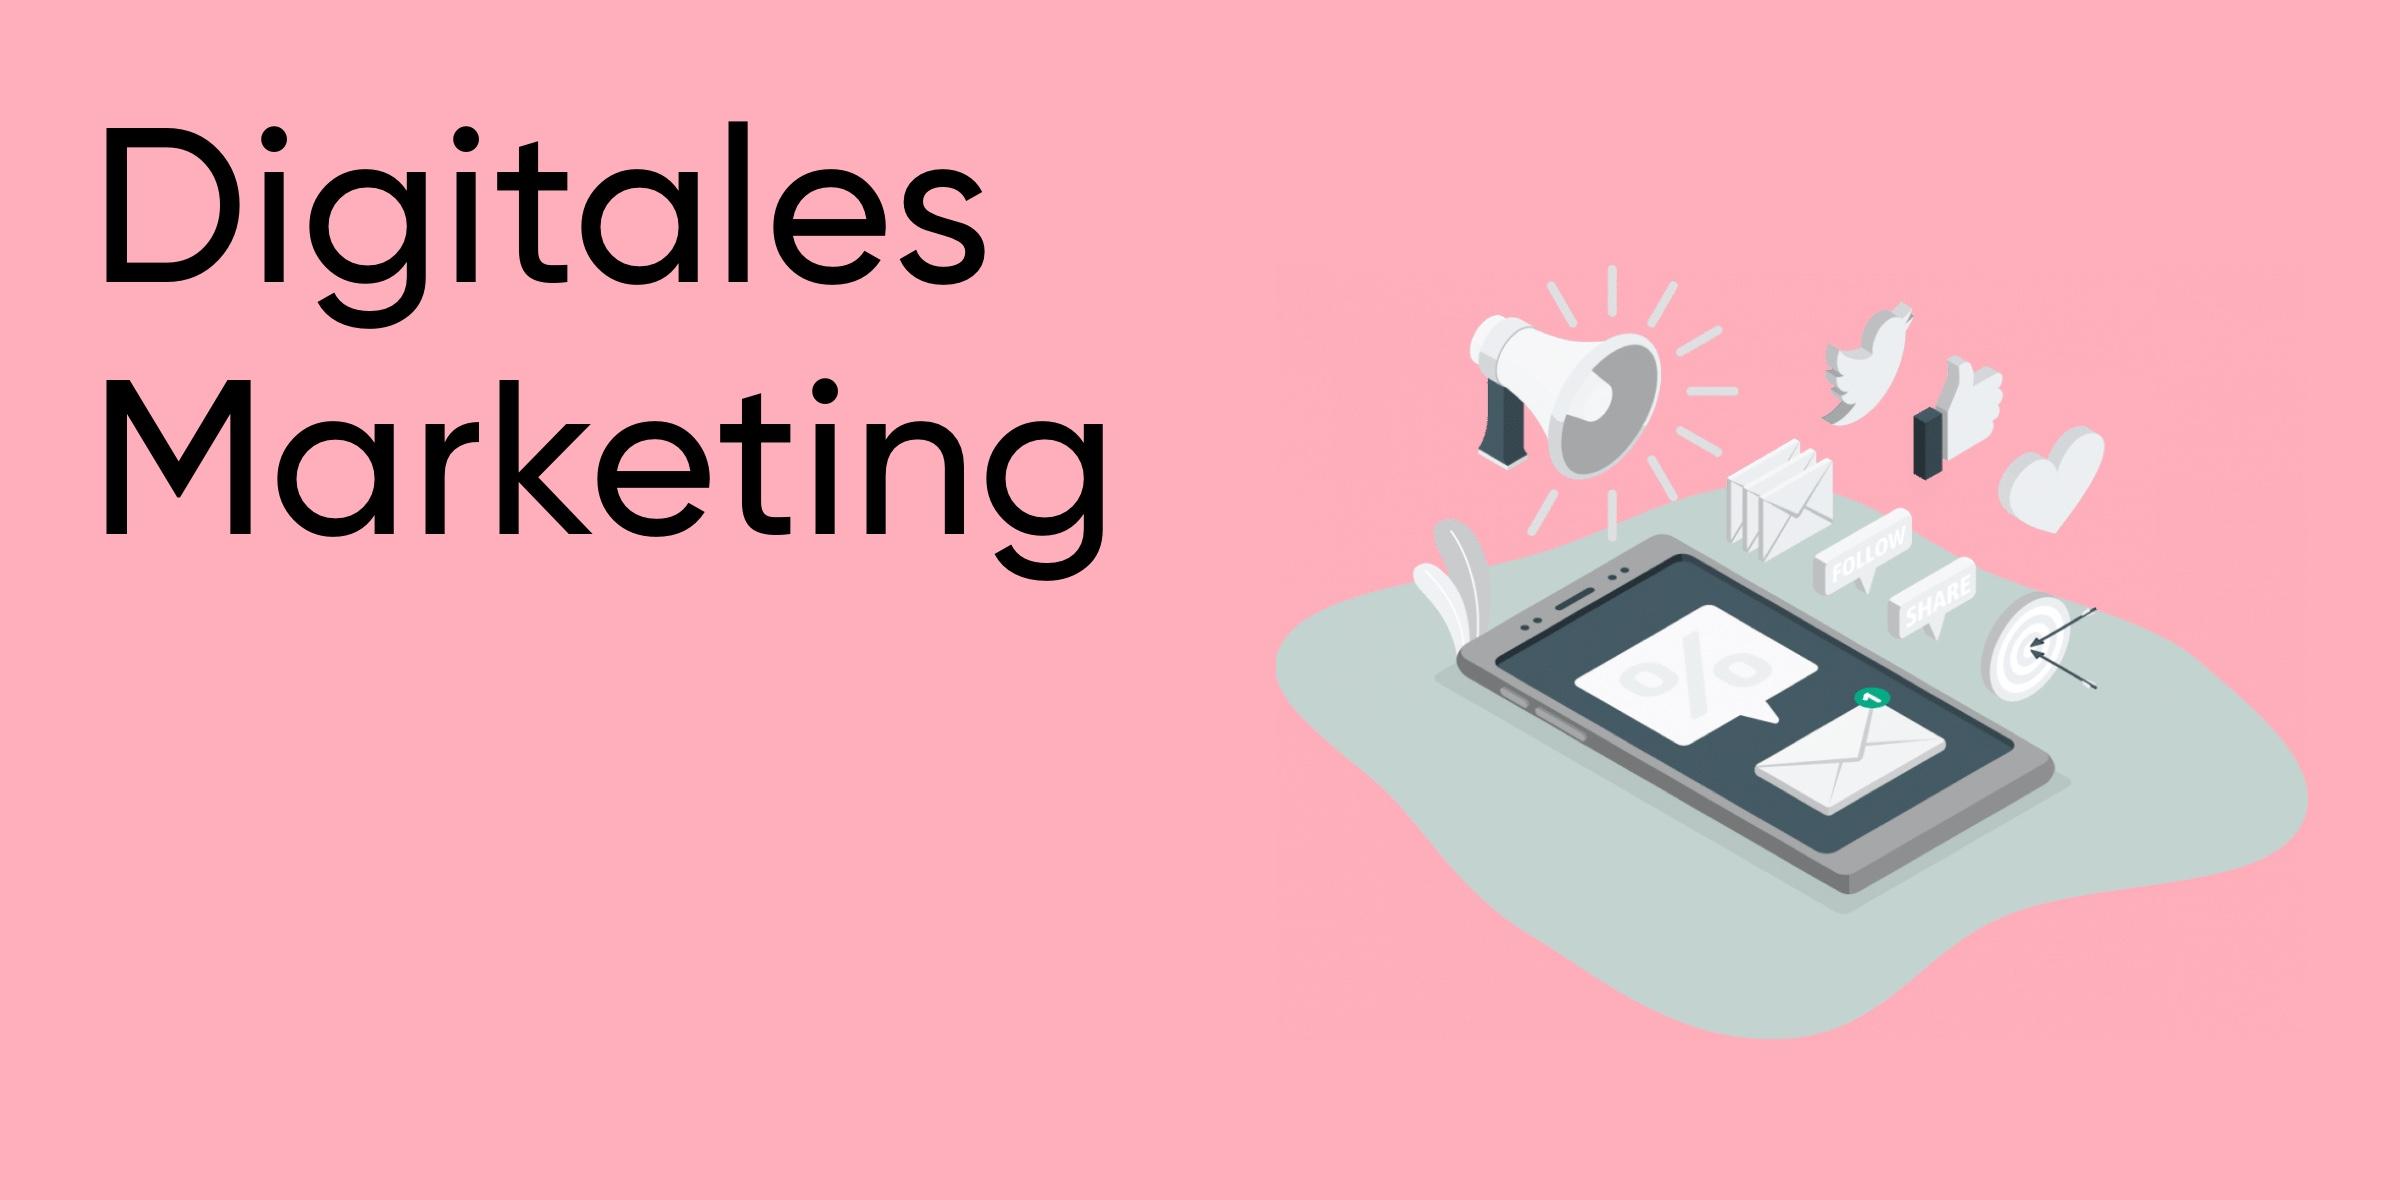 Digitales Marketing - Die 7 Hauptkategorien